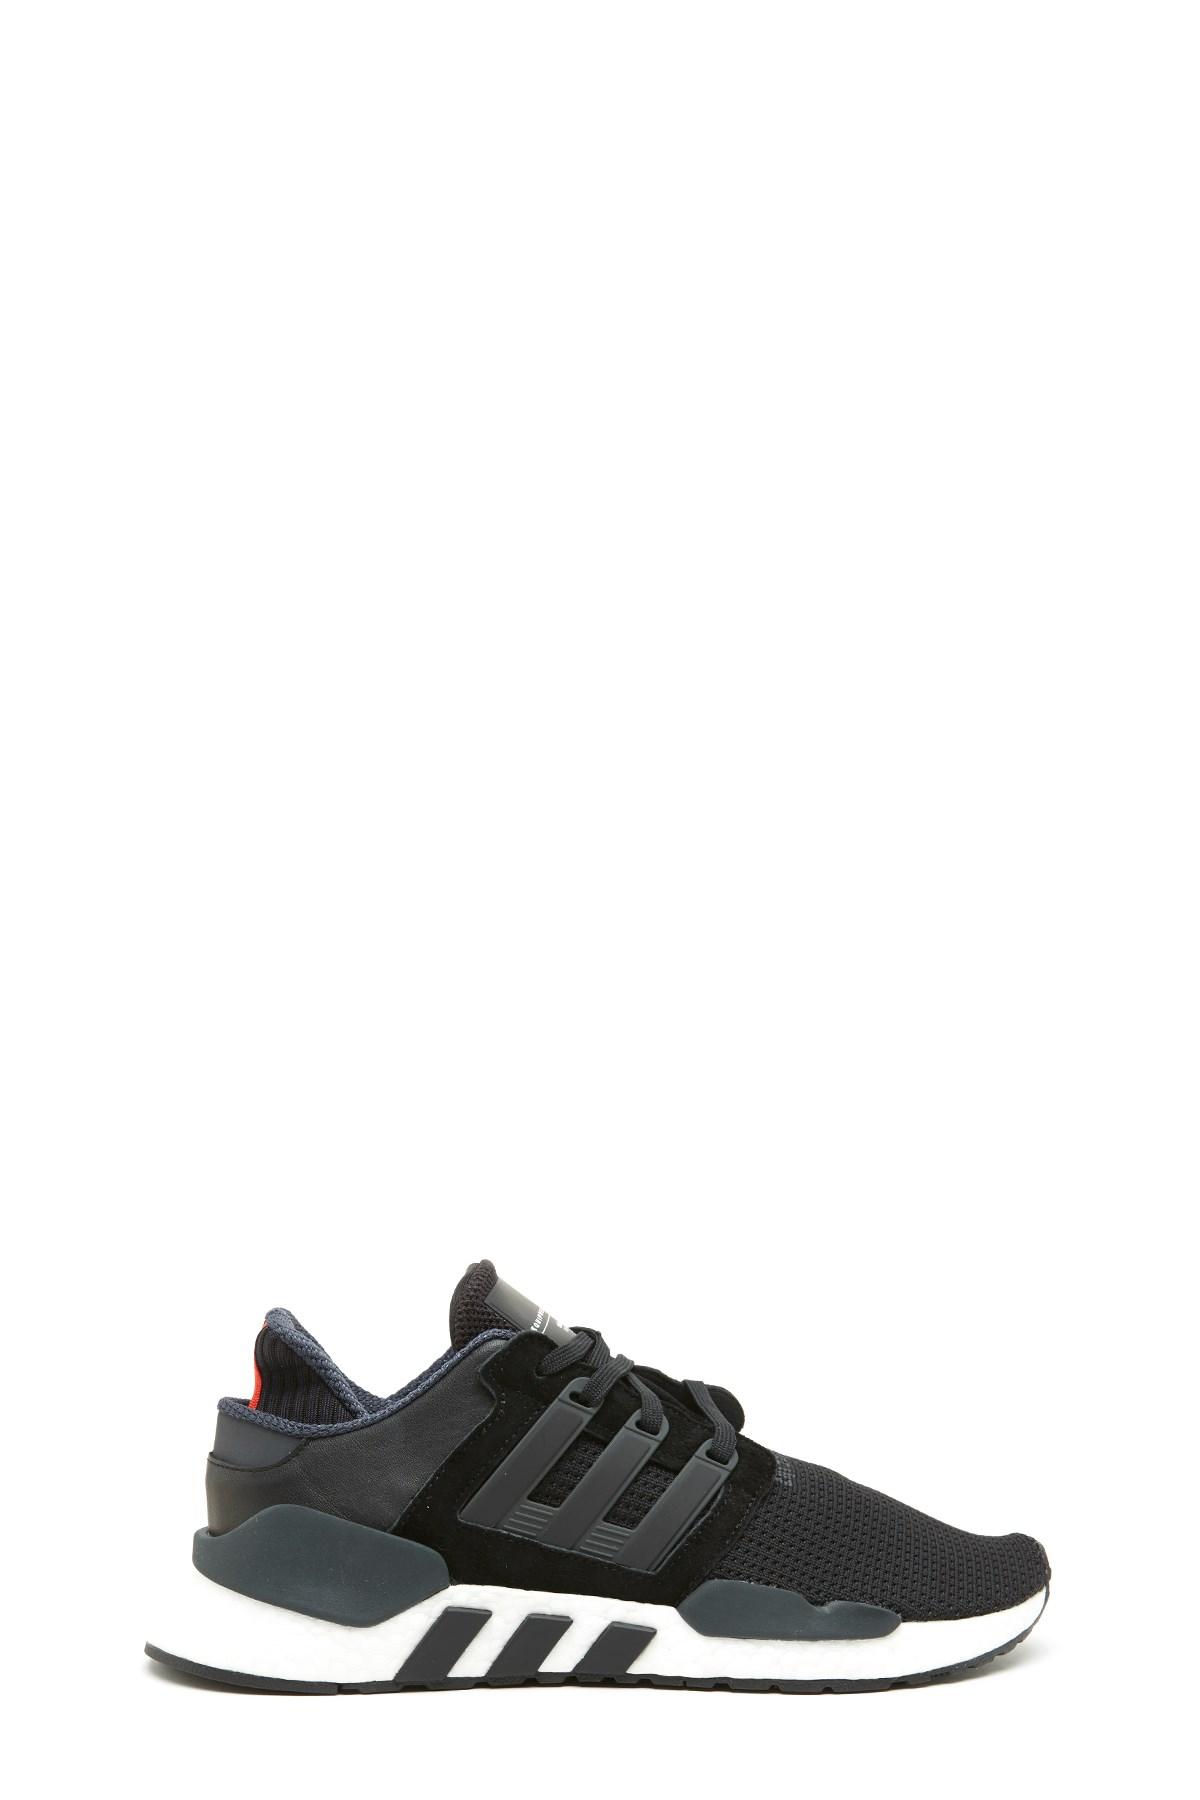 03d438ebda2 adidas originals  eqt support 91 18  sneakers available on julian ...